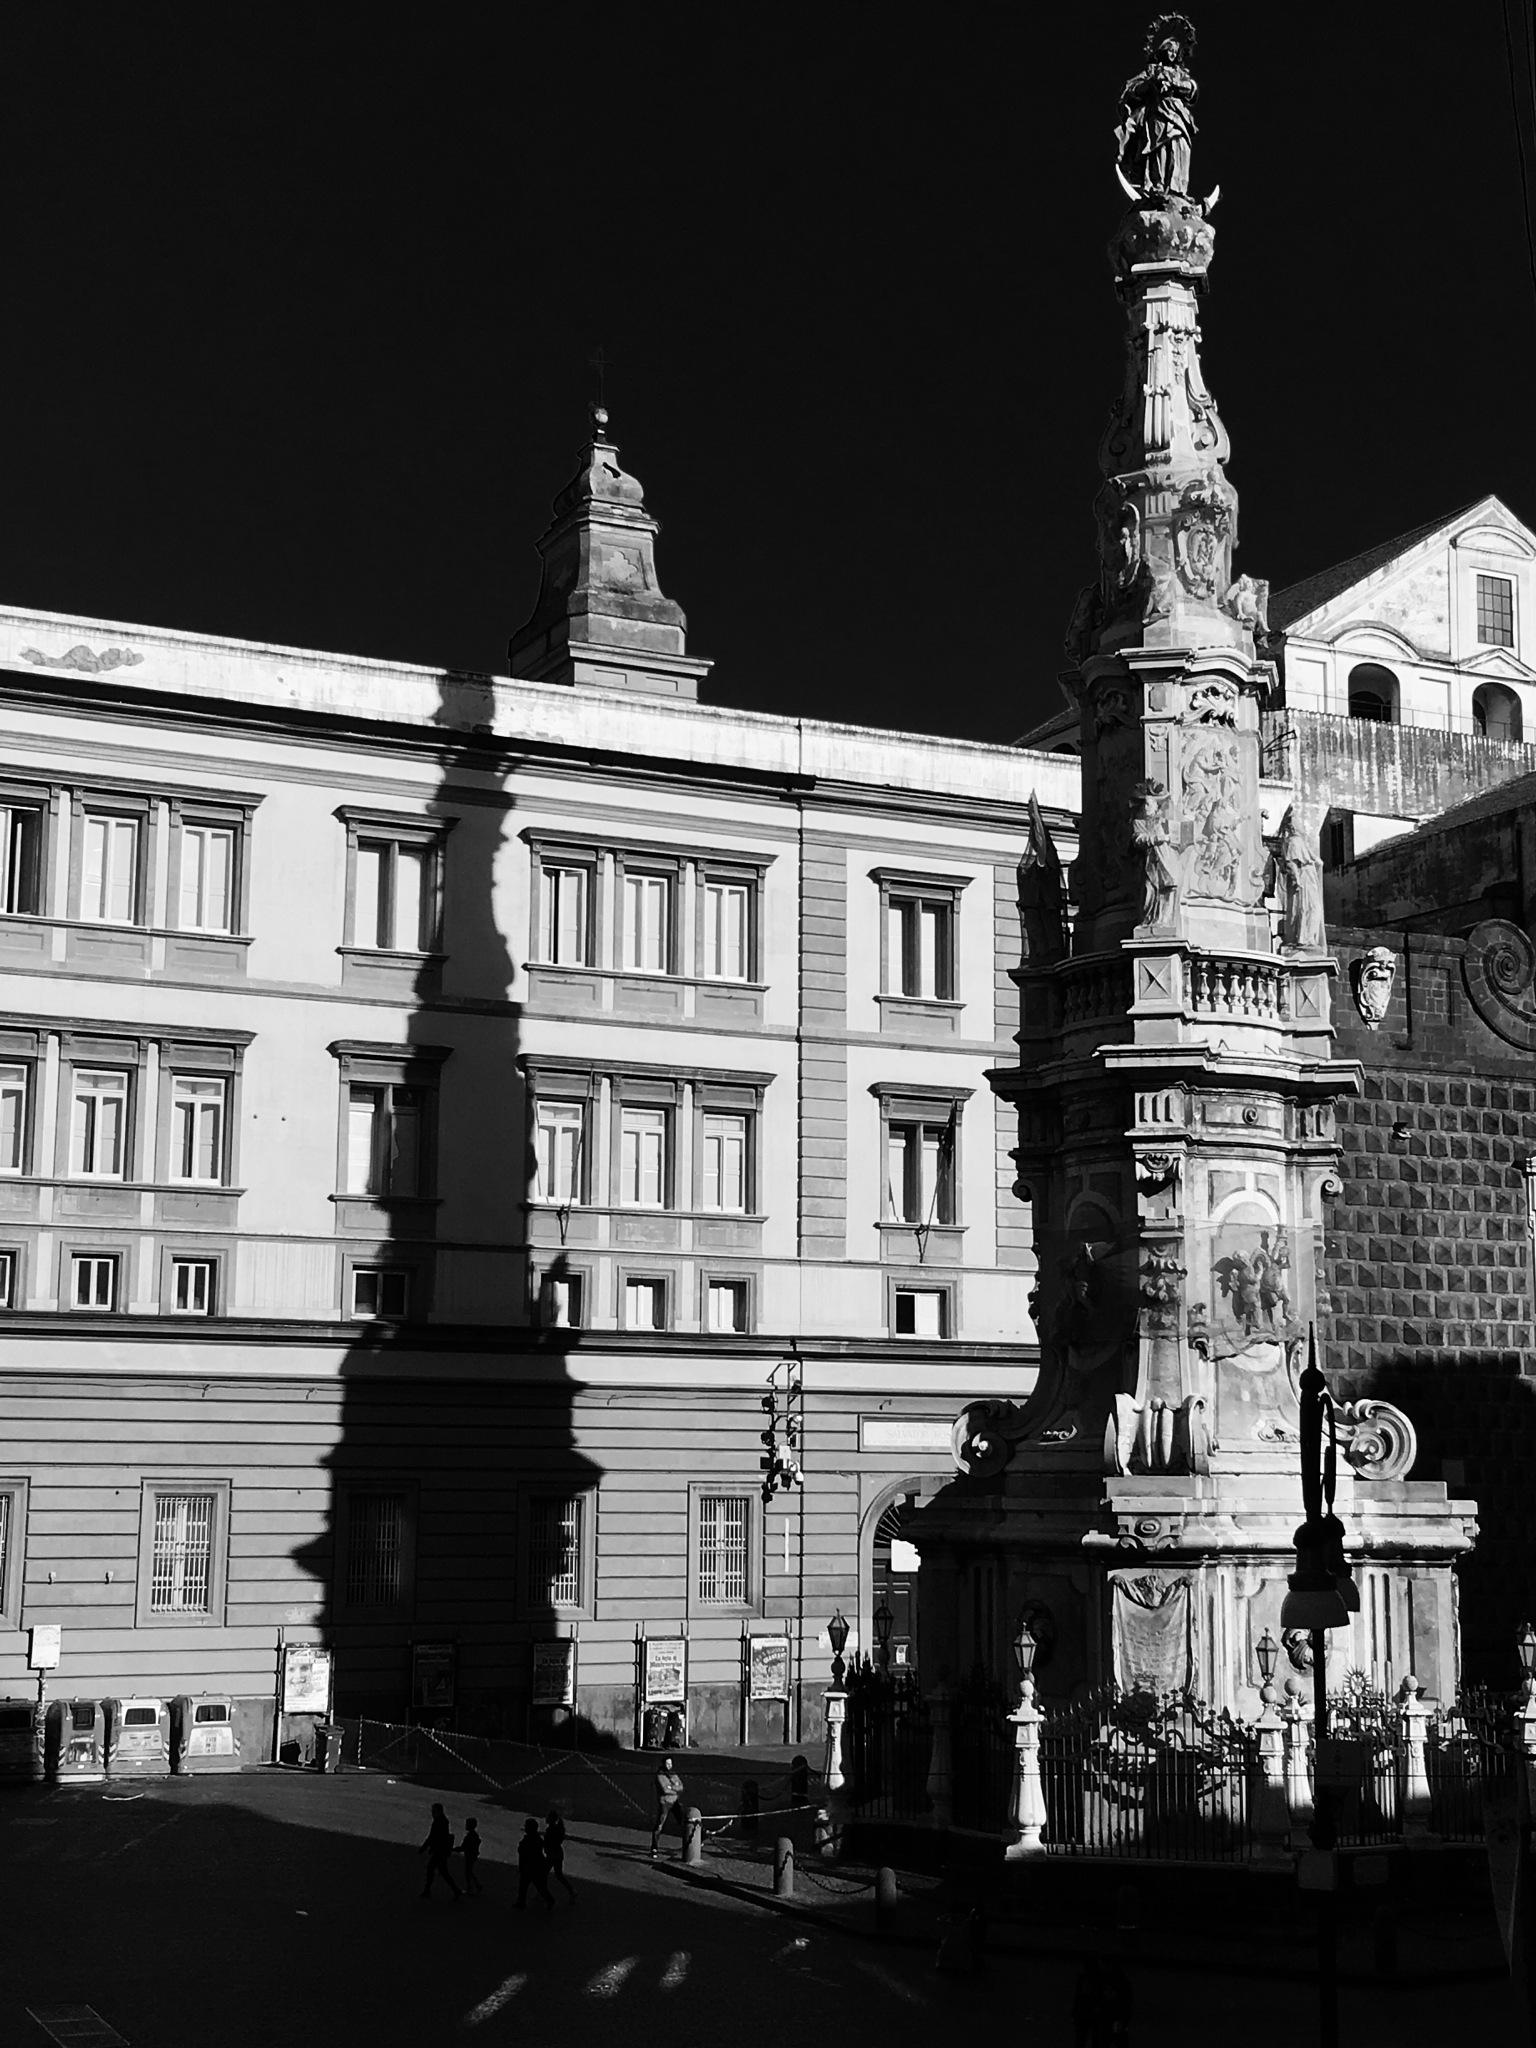 Piazza del Gesù by antodemarty